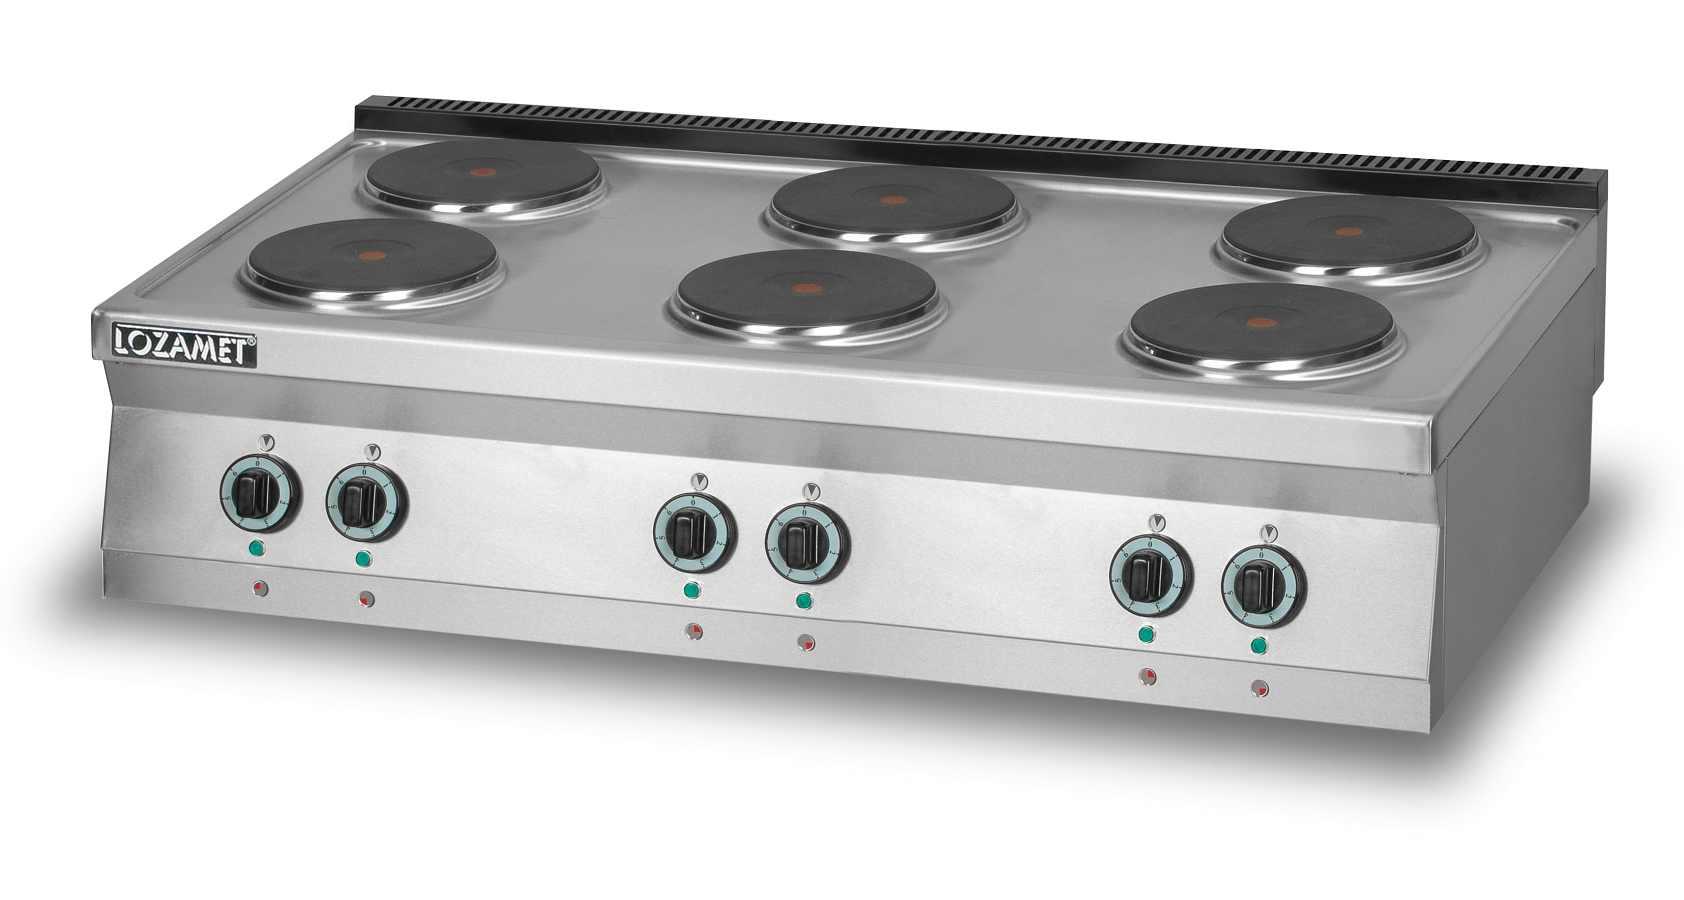 Kuchnie elektryczne  KUCHNIA ELEKTRYCZNA L700 KEO6 -> Kuchnie Elektryczne Wolnostojące Bosch